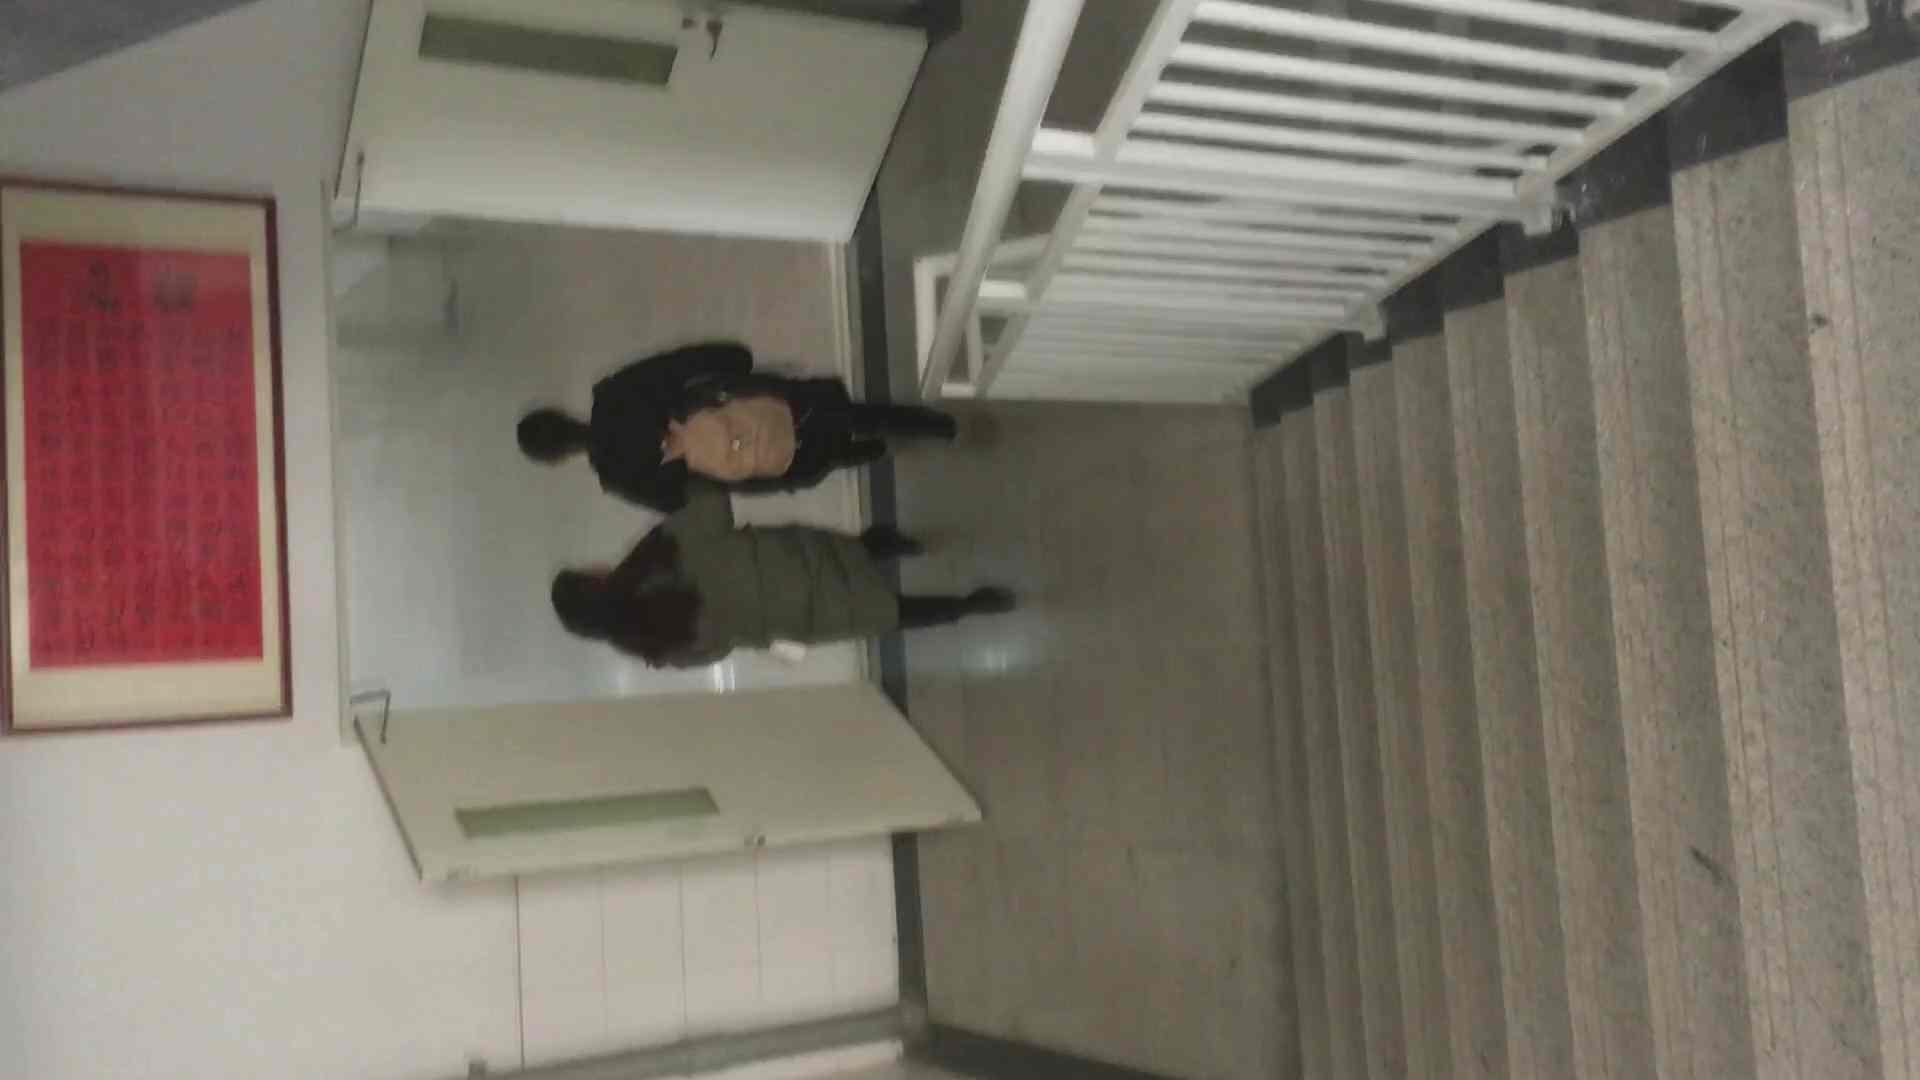 芸術大学ガチ潜入盗sati JD盗撮 美女の洗面所の秘密 Vol.95 高評価 AV動画キャプチャ 85枚 61